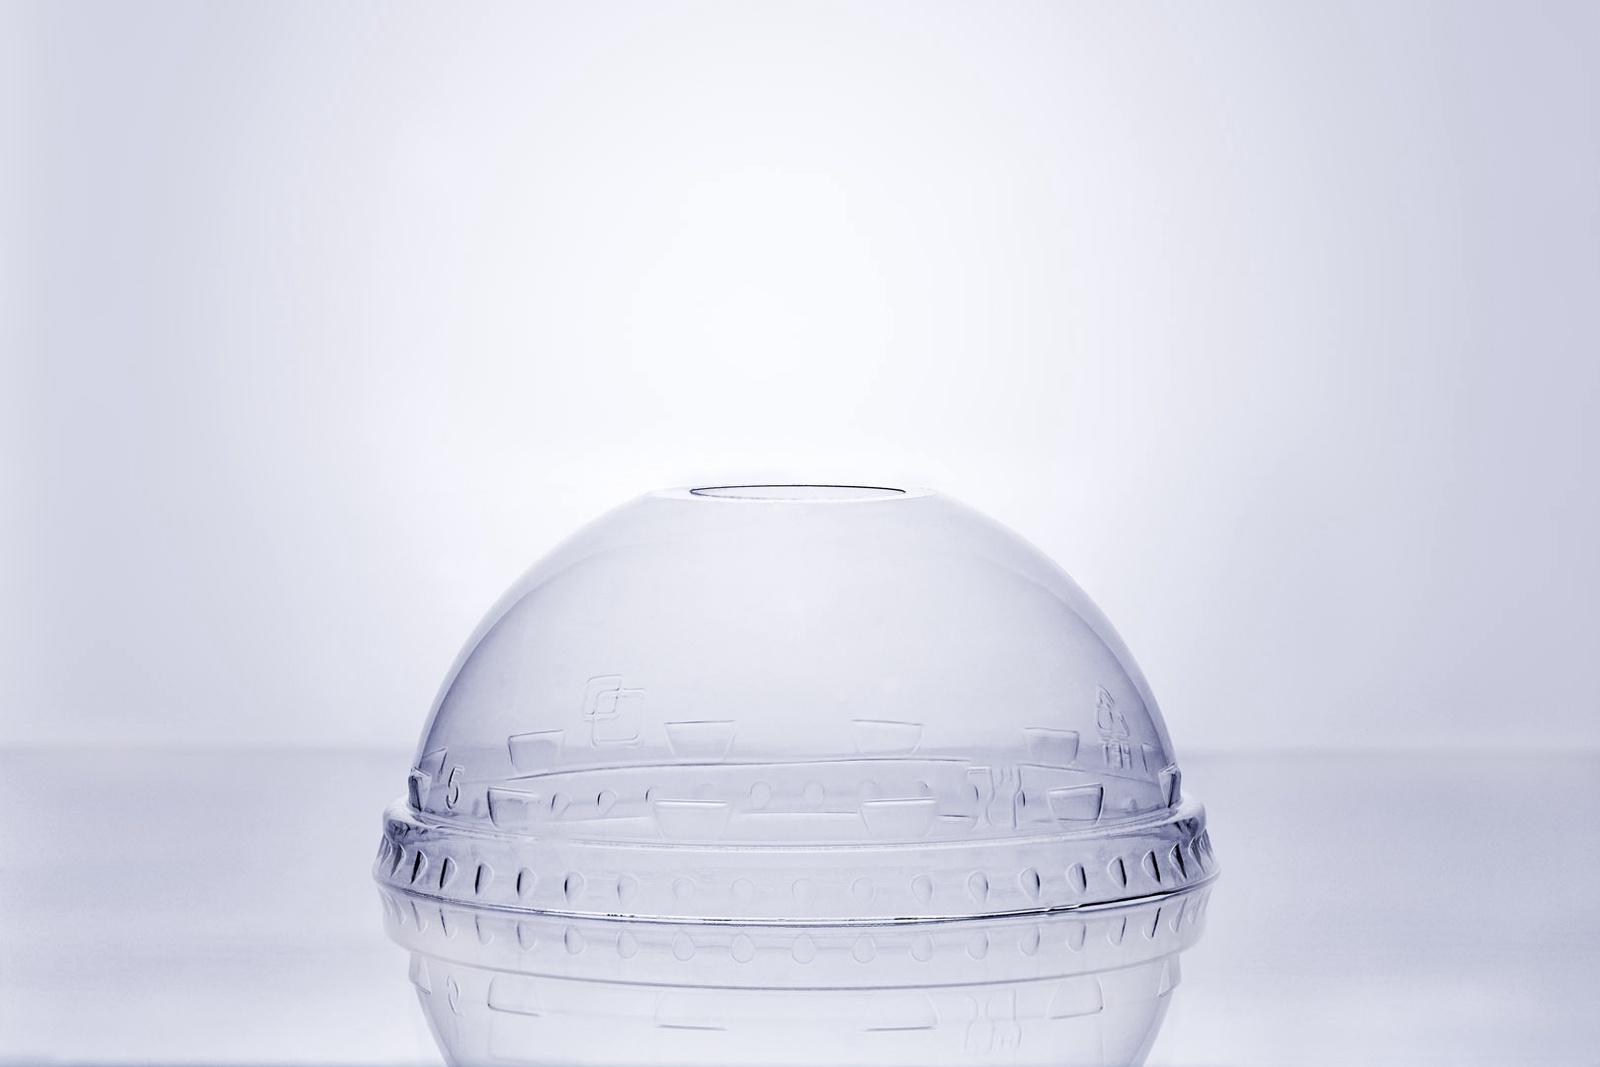 Крышка для напитков Veggo 01-00-01-0295-1, прозрачный01-00-01-0295-1В коробке 800шт.Купольная крышка с отверстием для трубочки обеспечивает плотное и герметичное закрывание стакана. Благодаря сферической форме крышки содержимое стакана не будет расплёскиваться даже на ходу. В комплекте с ПЭТ стаканами Veggo обеспечивает наилучшую функциональность.Совместимость со стаканами Veggo200мл, 300 мл, 400 мл, 500 мл